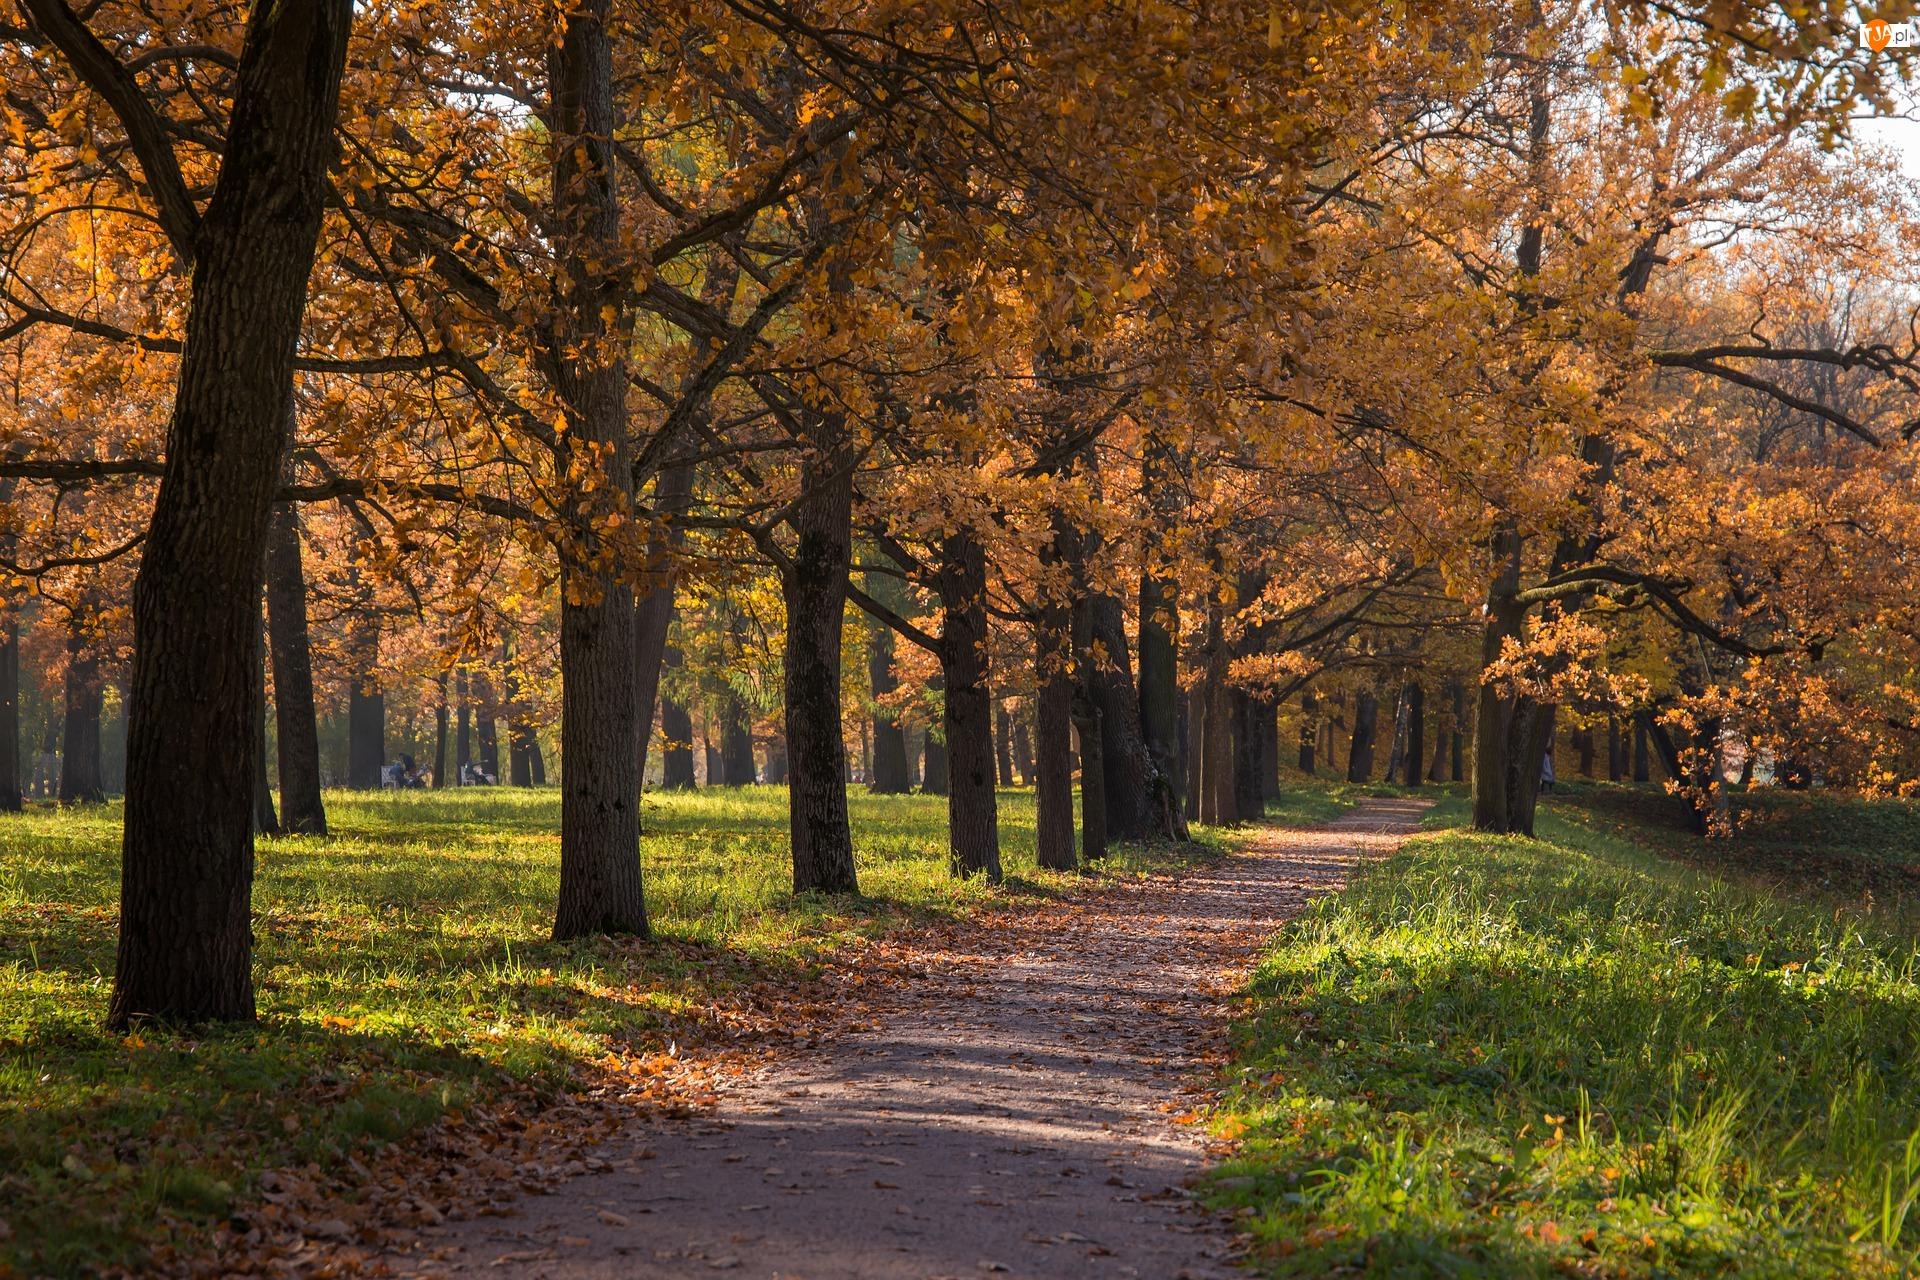 Park, Jesień, Drzewa, Trawa, Droga, Alejka